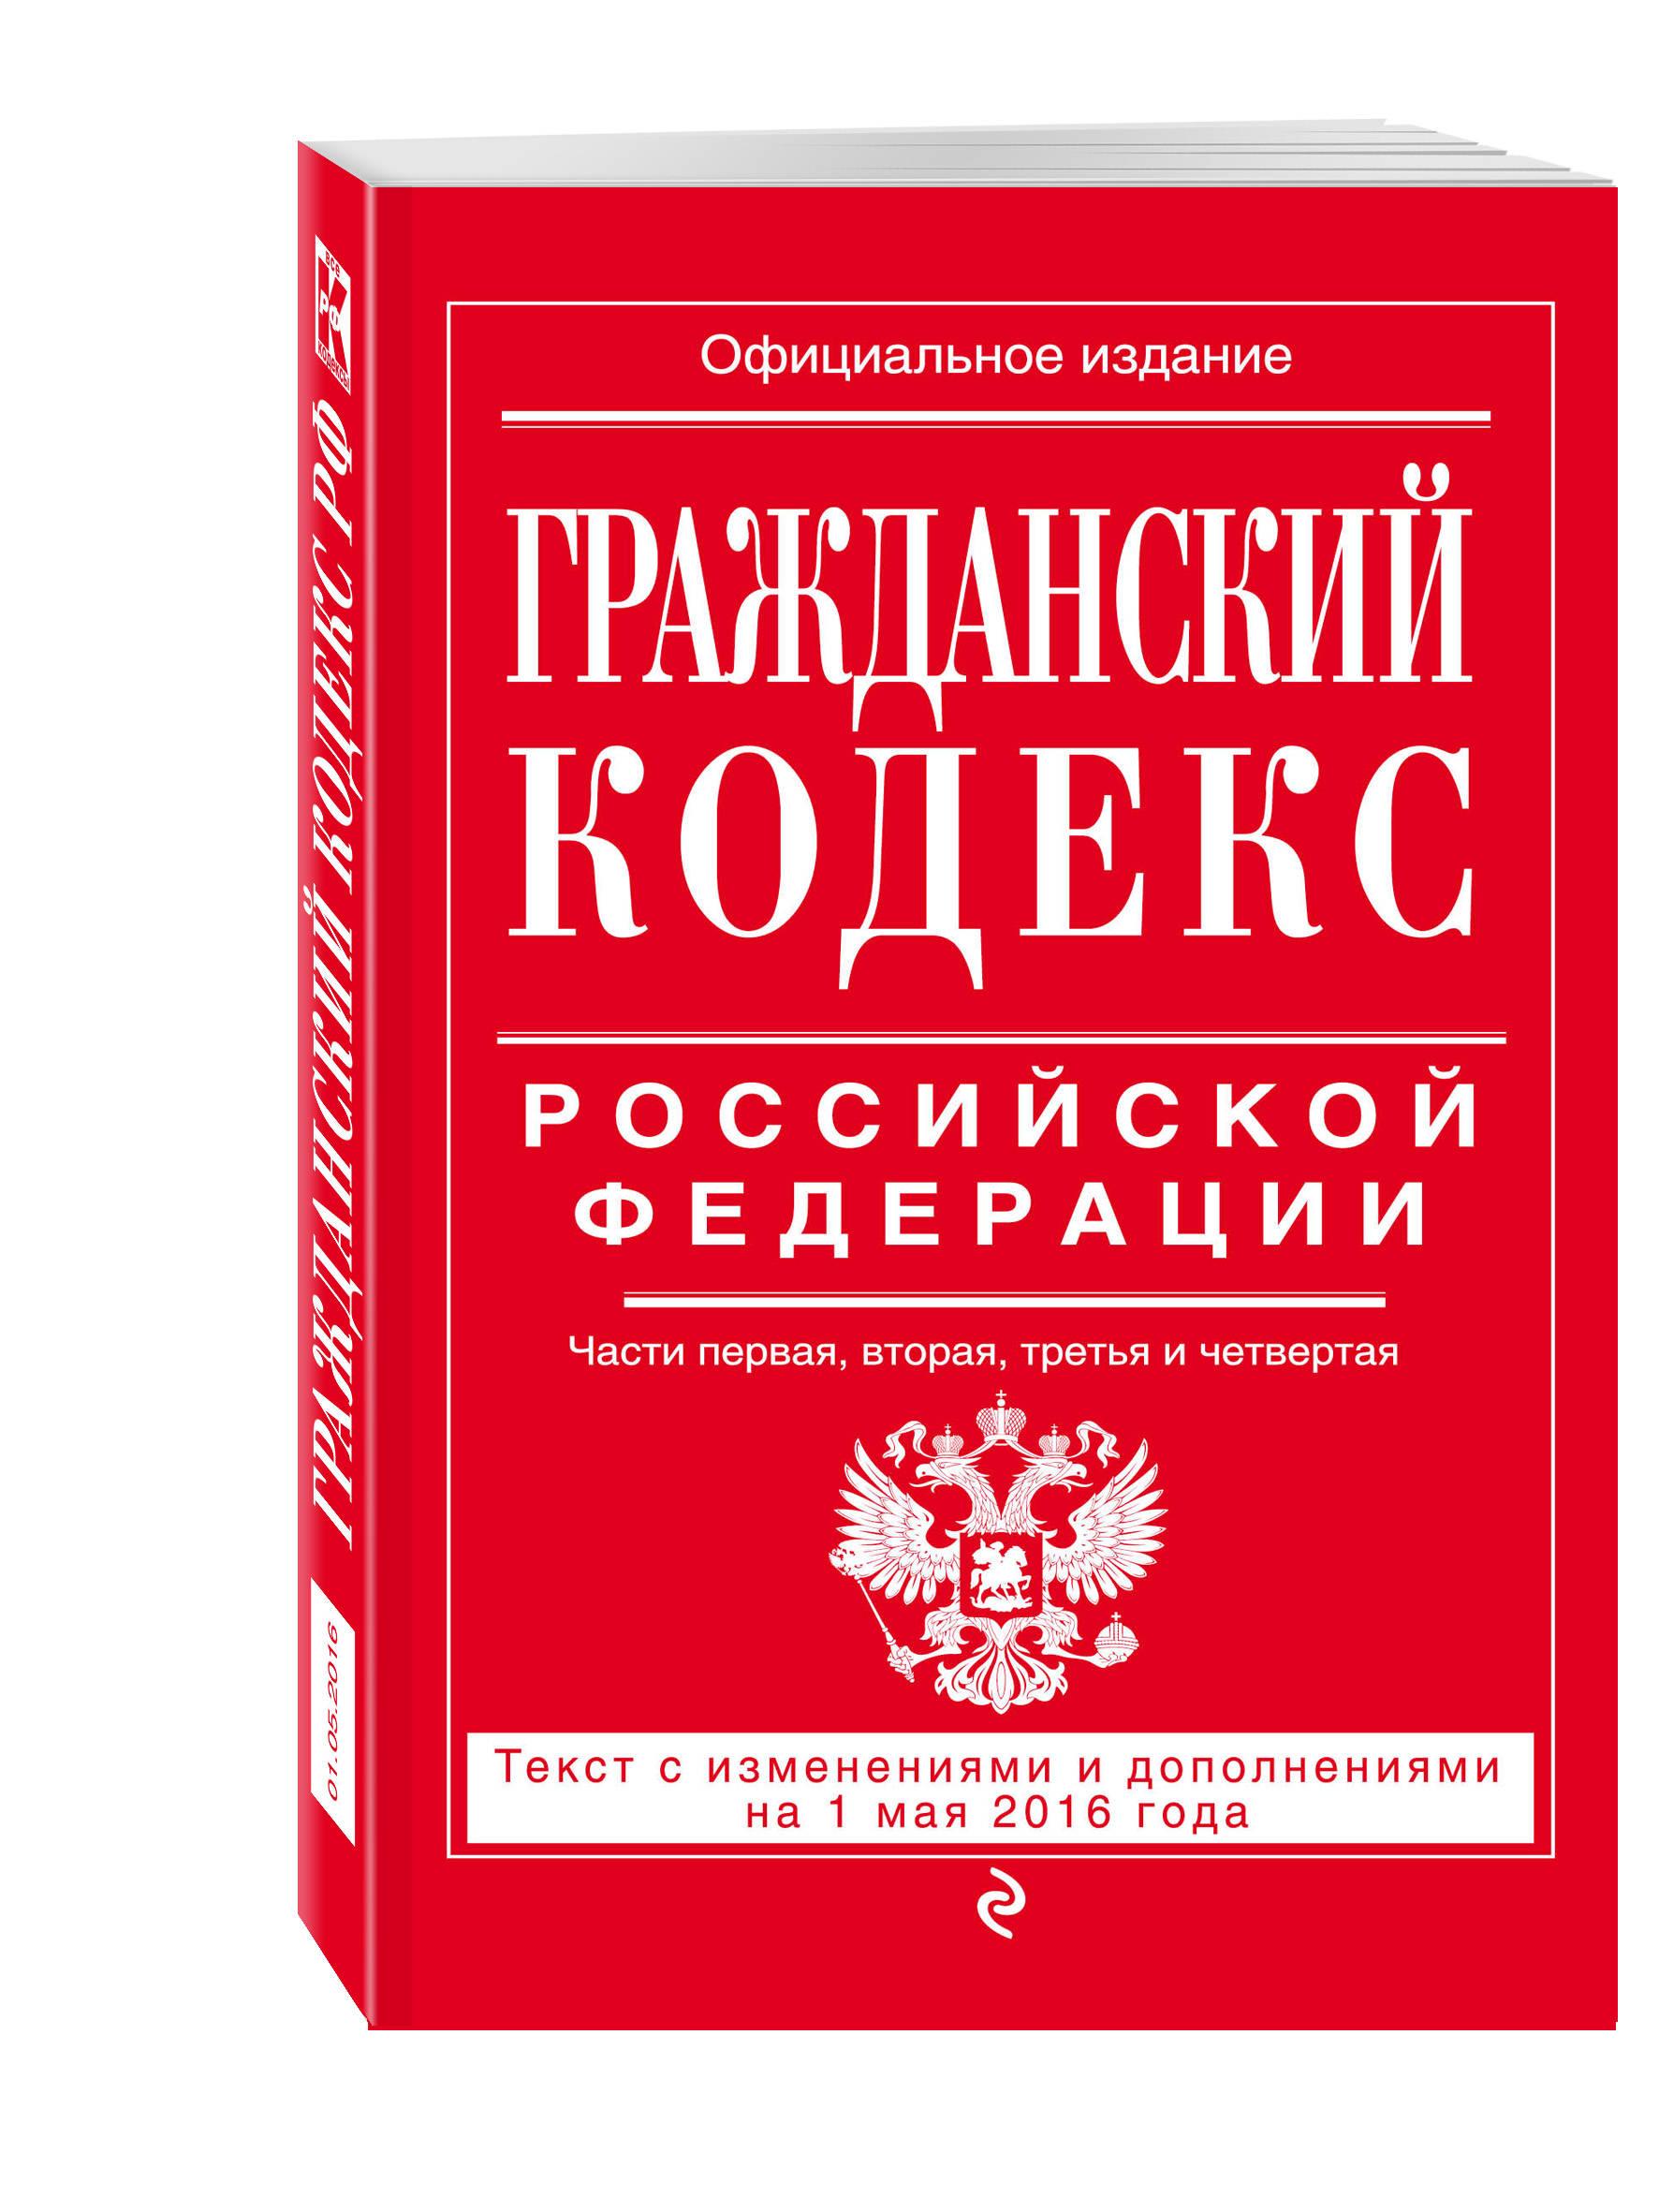 Гражданский кодекс Российской Федерации. Части первая, вторая, третья и четвертая : текст с изм. и доп. на 1 мая 2016 г.